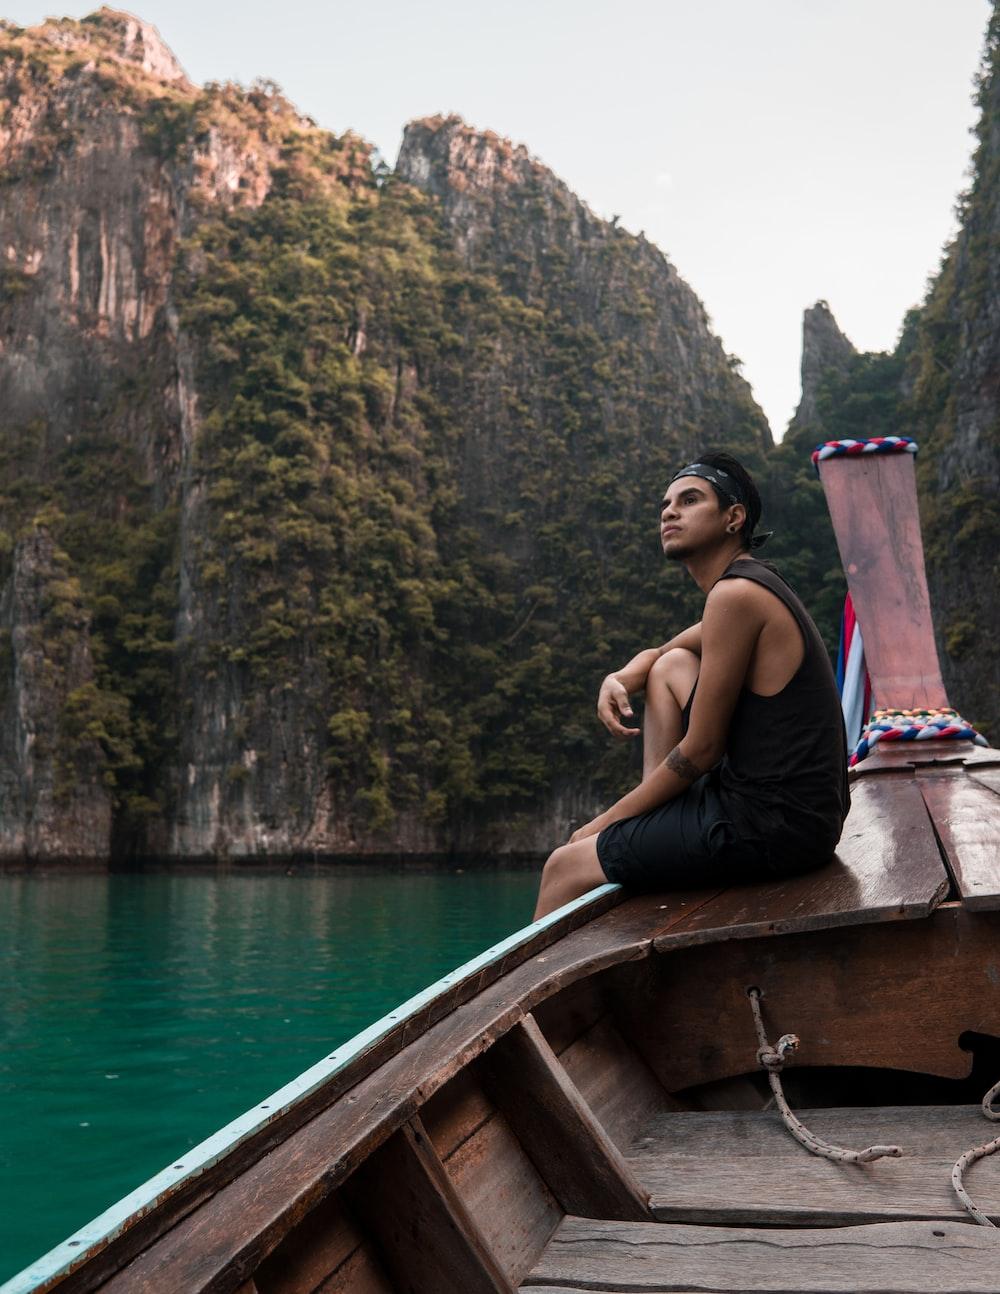 man sitting on boat during daytile